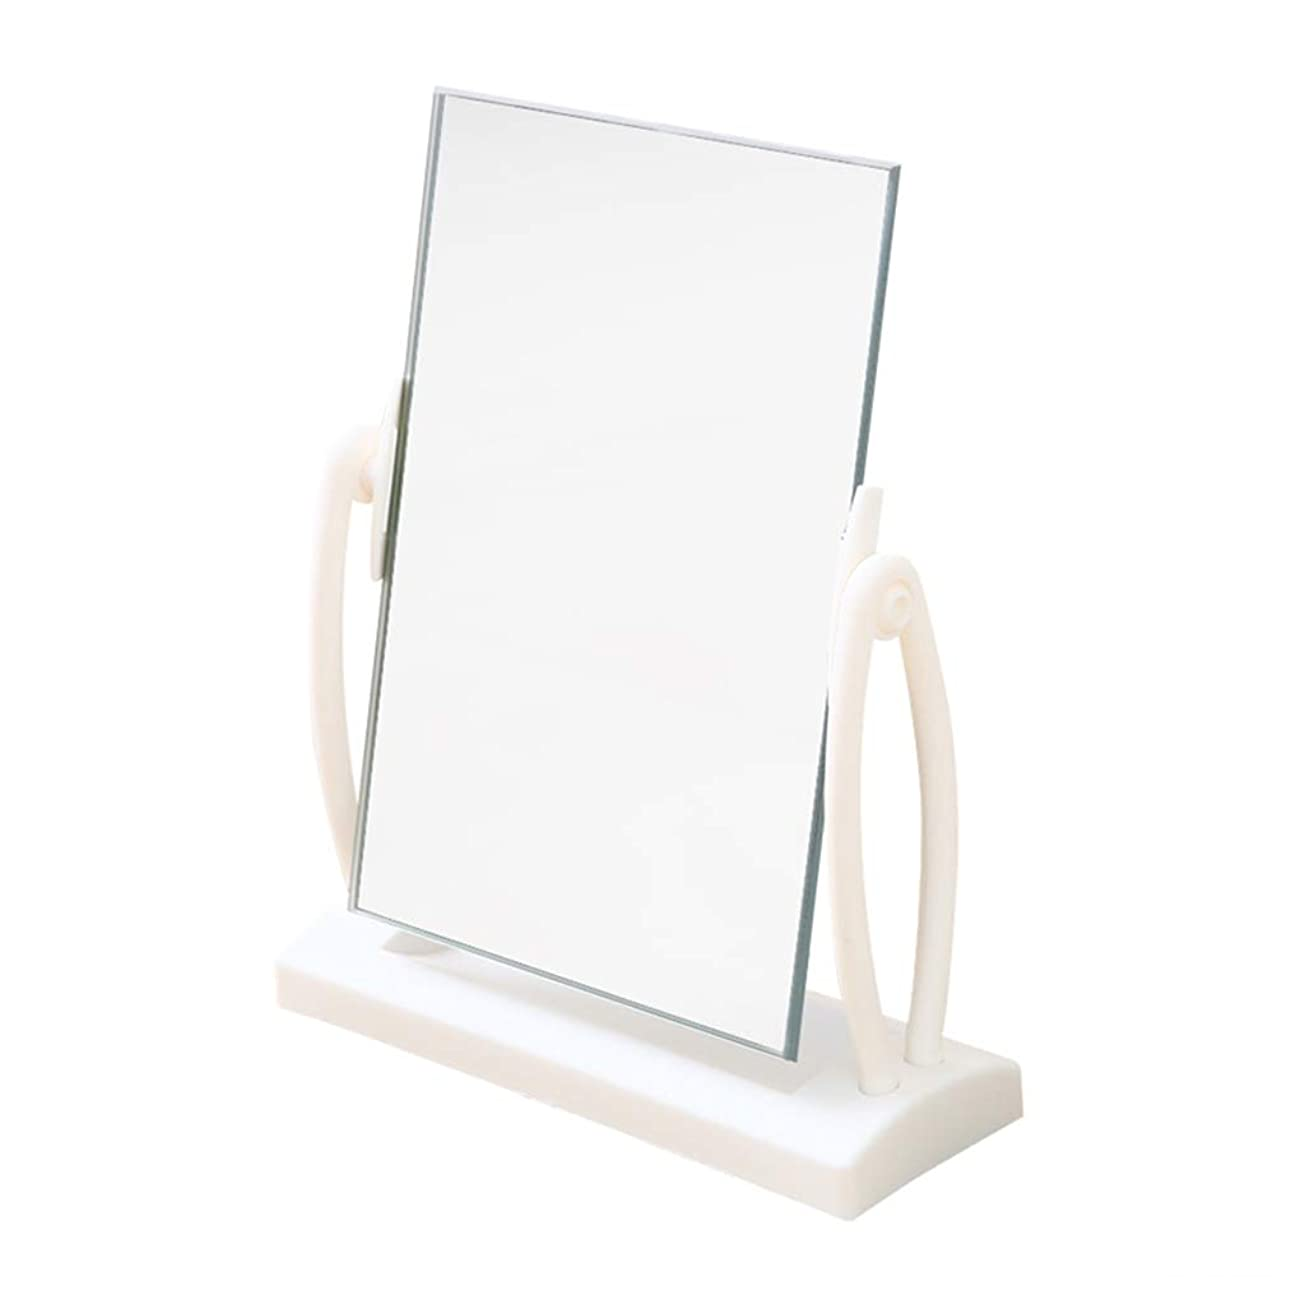 ずるいお風呂を持っている理容師CSQ 美容ミラー、18 * 6 * 19.5センチ-プラスチックデスクトップ寮の部屋学生ホワイトミラークリエイティブhdドレッシングテーブル片面化粧鏡 メイクアップとミラー (サイズ さいず : 18*6*19.5cm)